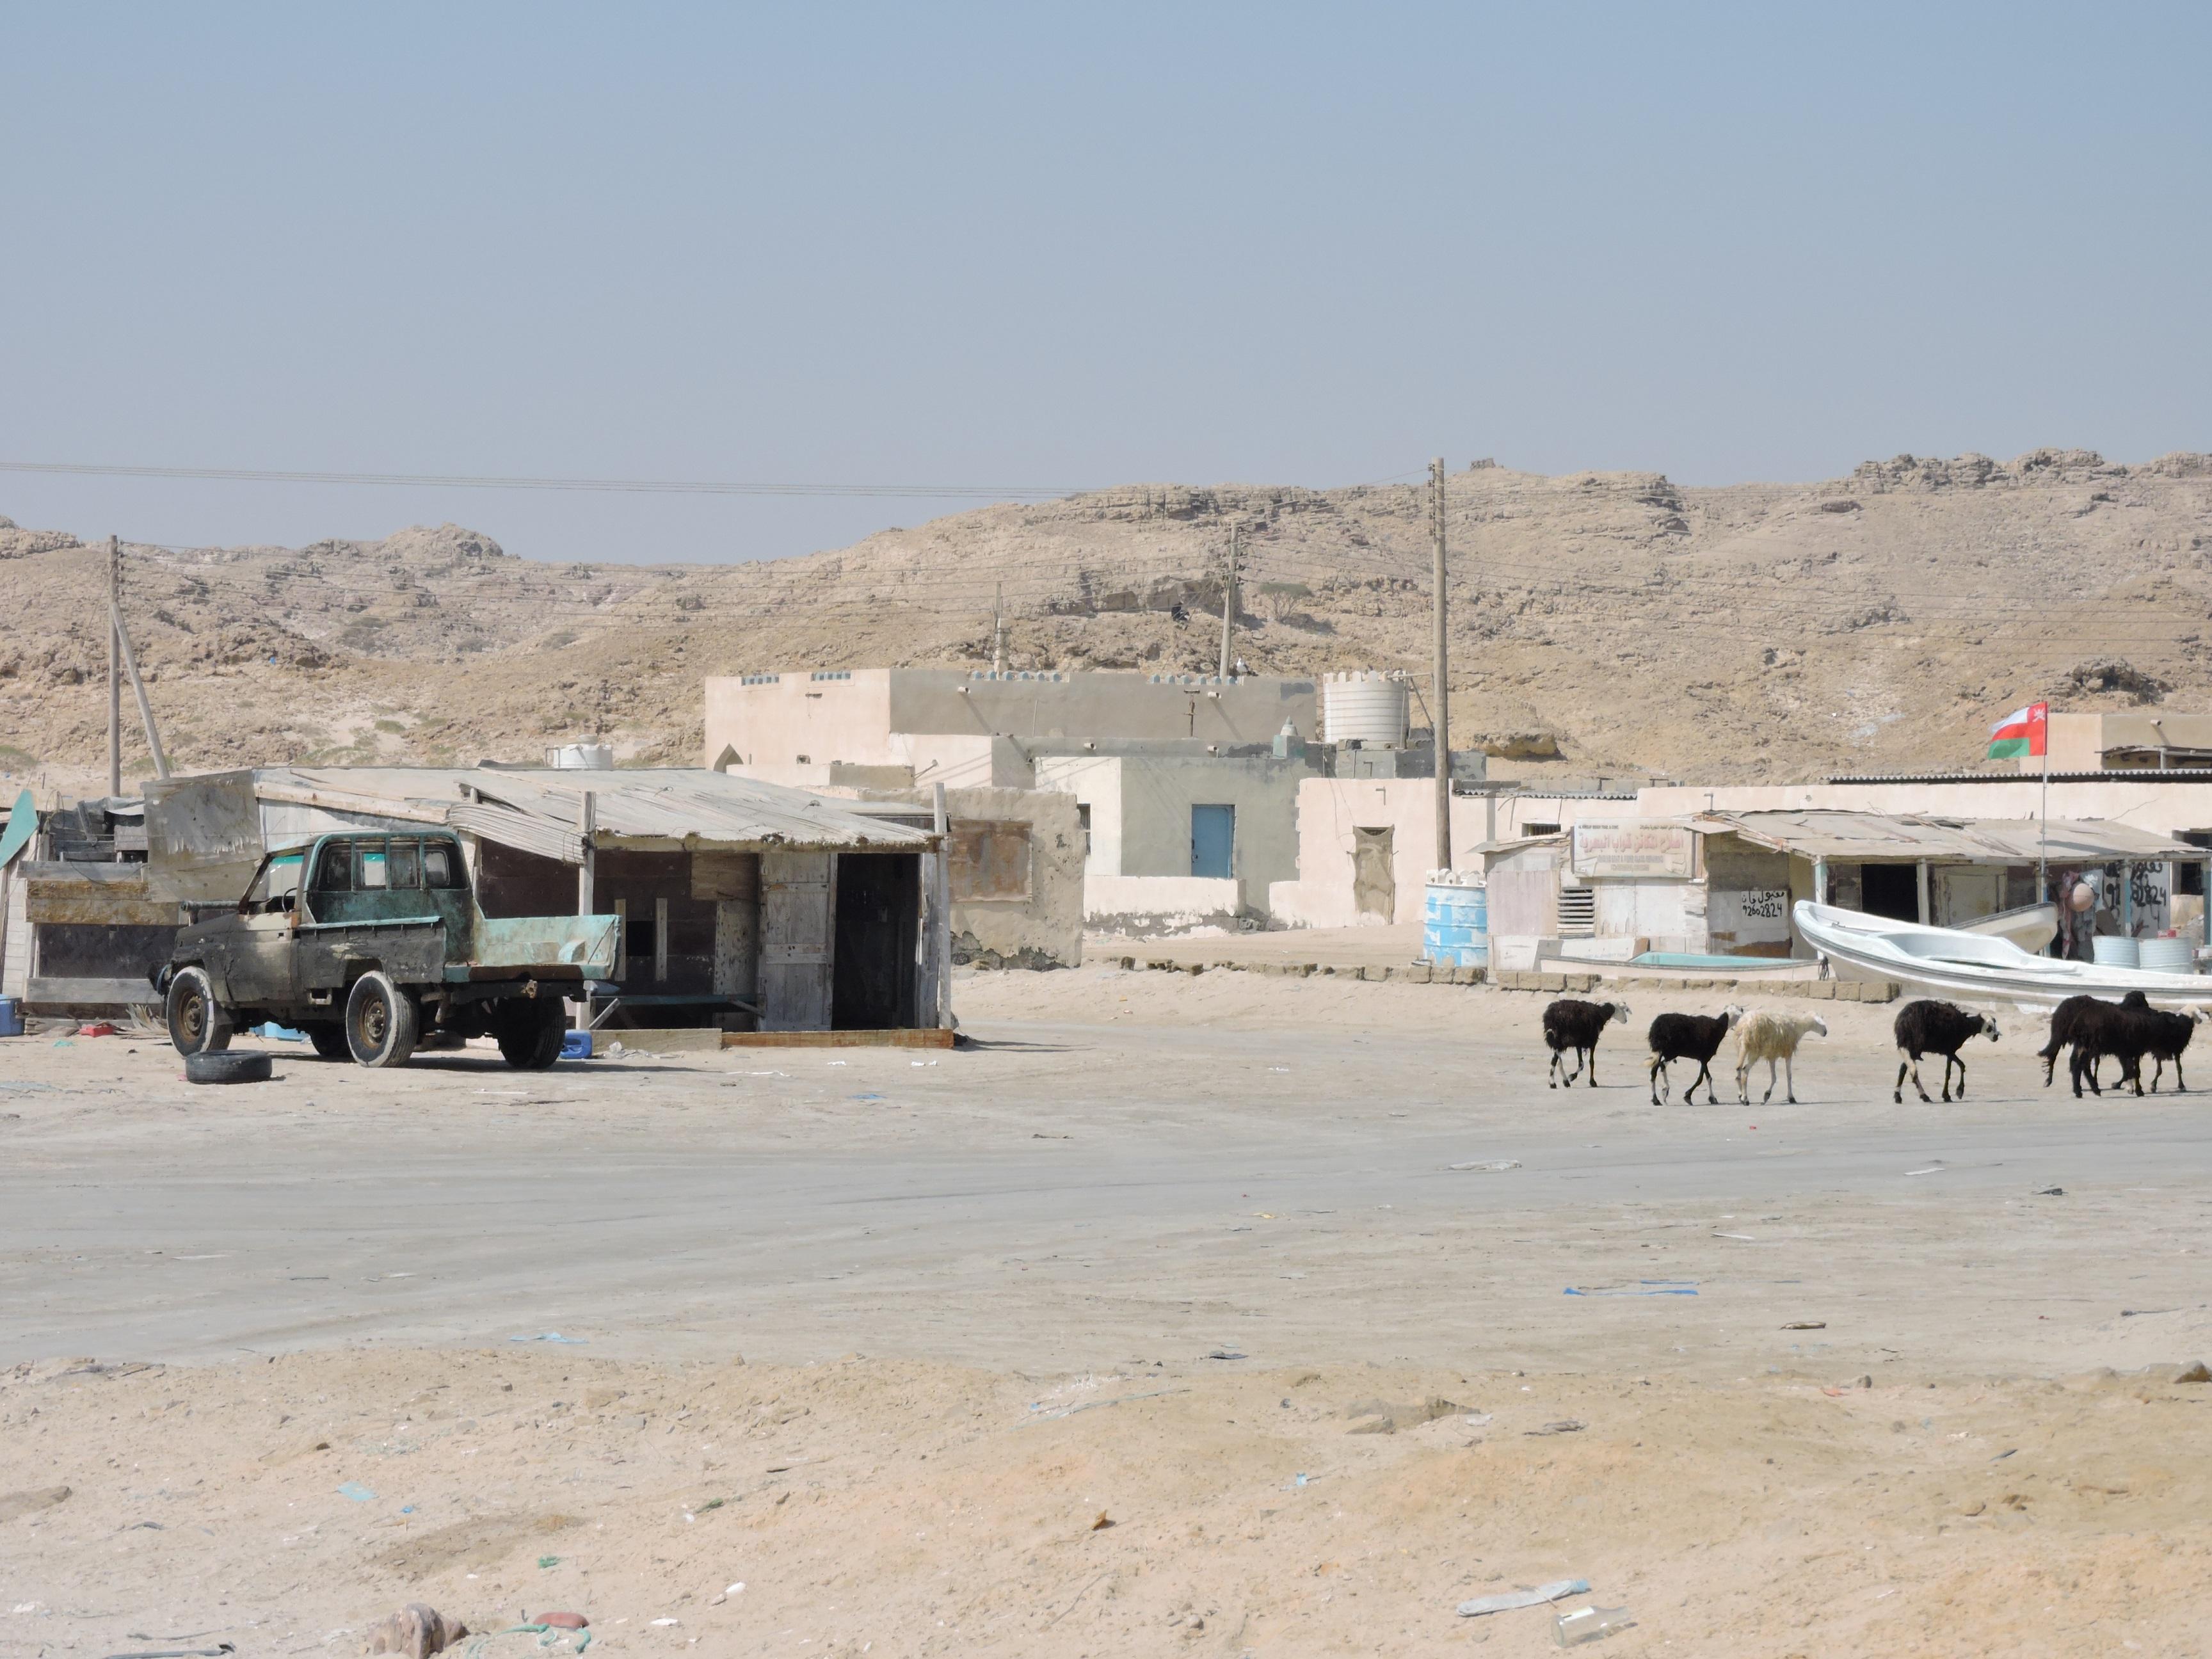 Village El Khaluf Oman